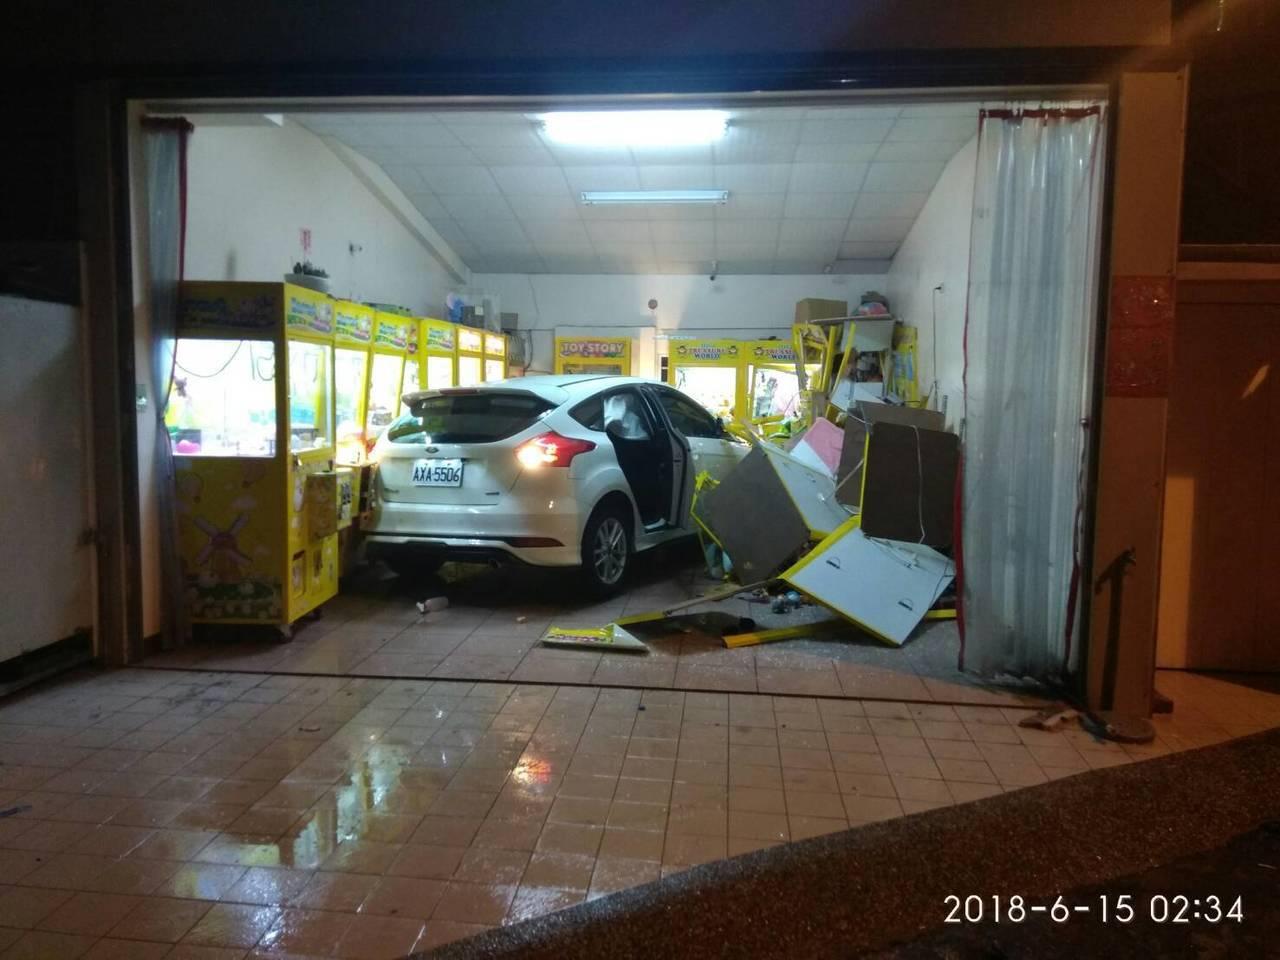 善化區1輛轎車撞進夾娃娃機店。記者吳政修/翻攝